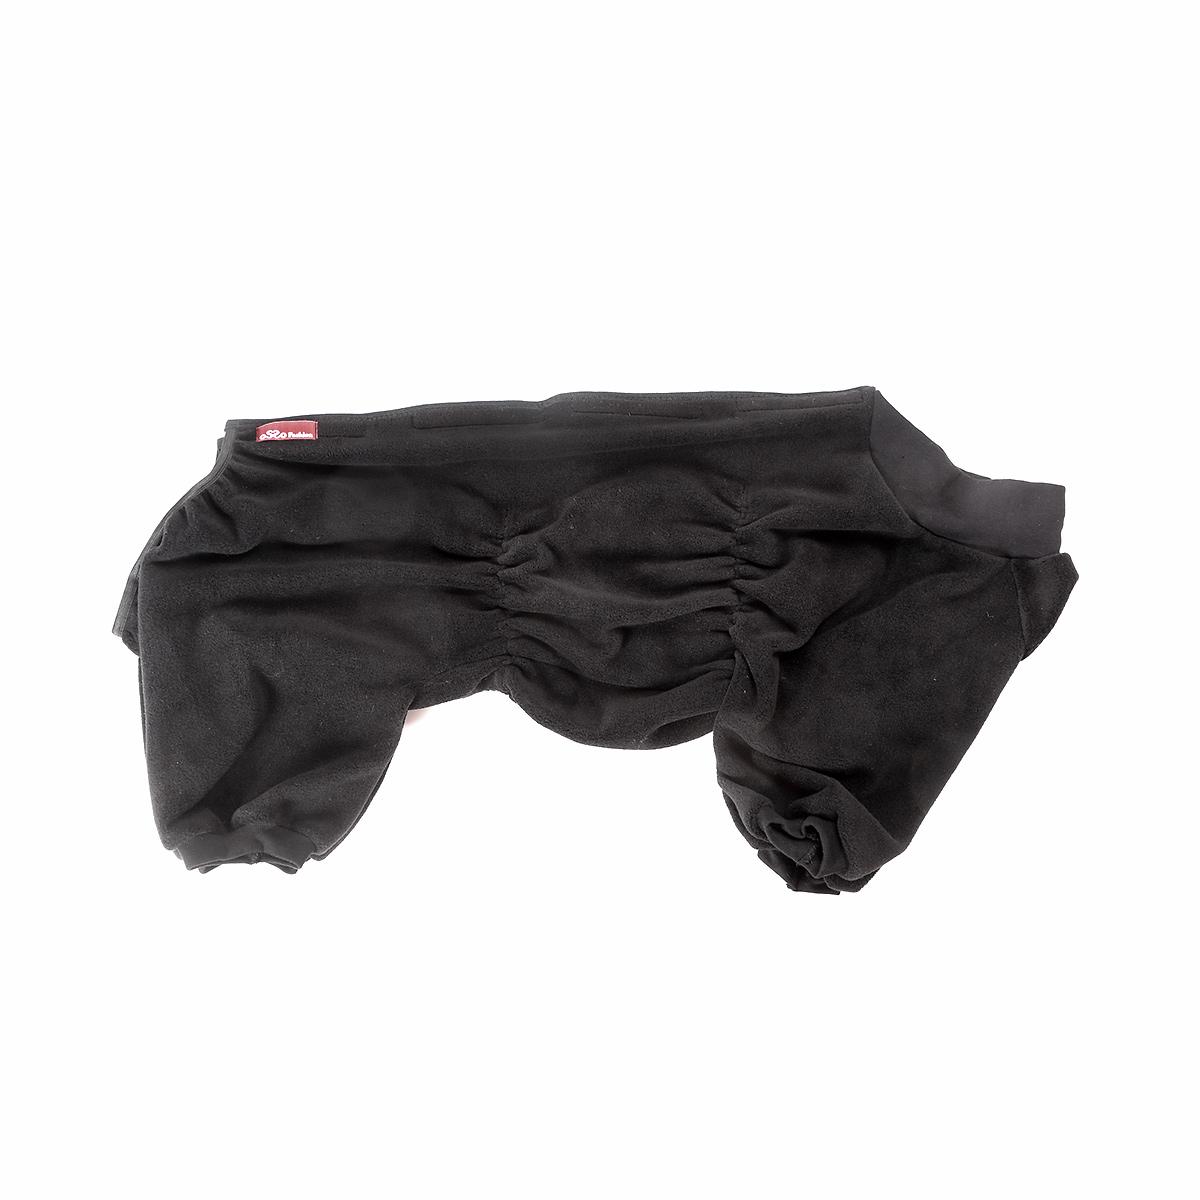 Комбинезон для собак OSSO Fashion, для мальчика, цвет: графит. Размер 65Кф-1024Комбинезон для собак OSSO Fashion выполнен из флиса. Комфортная посадка по корпусу достигается за счет резинок-утяжек под грудью и животом. На воротнике имеются завязки, для дополнительной фиксации. Можно носить самостоятельно и как поддевку под комбинезон для собак. Изделие отлично стирается, быстро сохнет. Длина спинки: 65 см. Объем груди: 74-102 см.